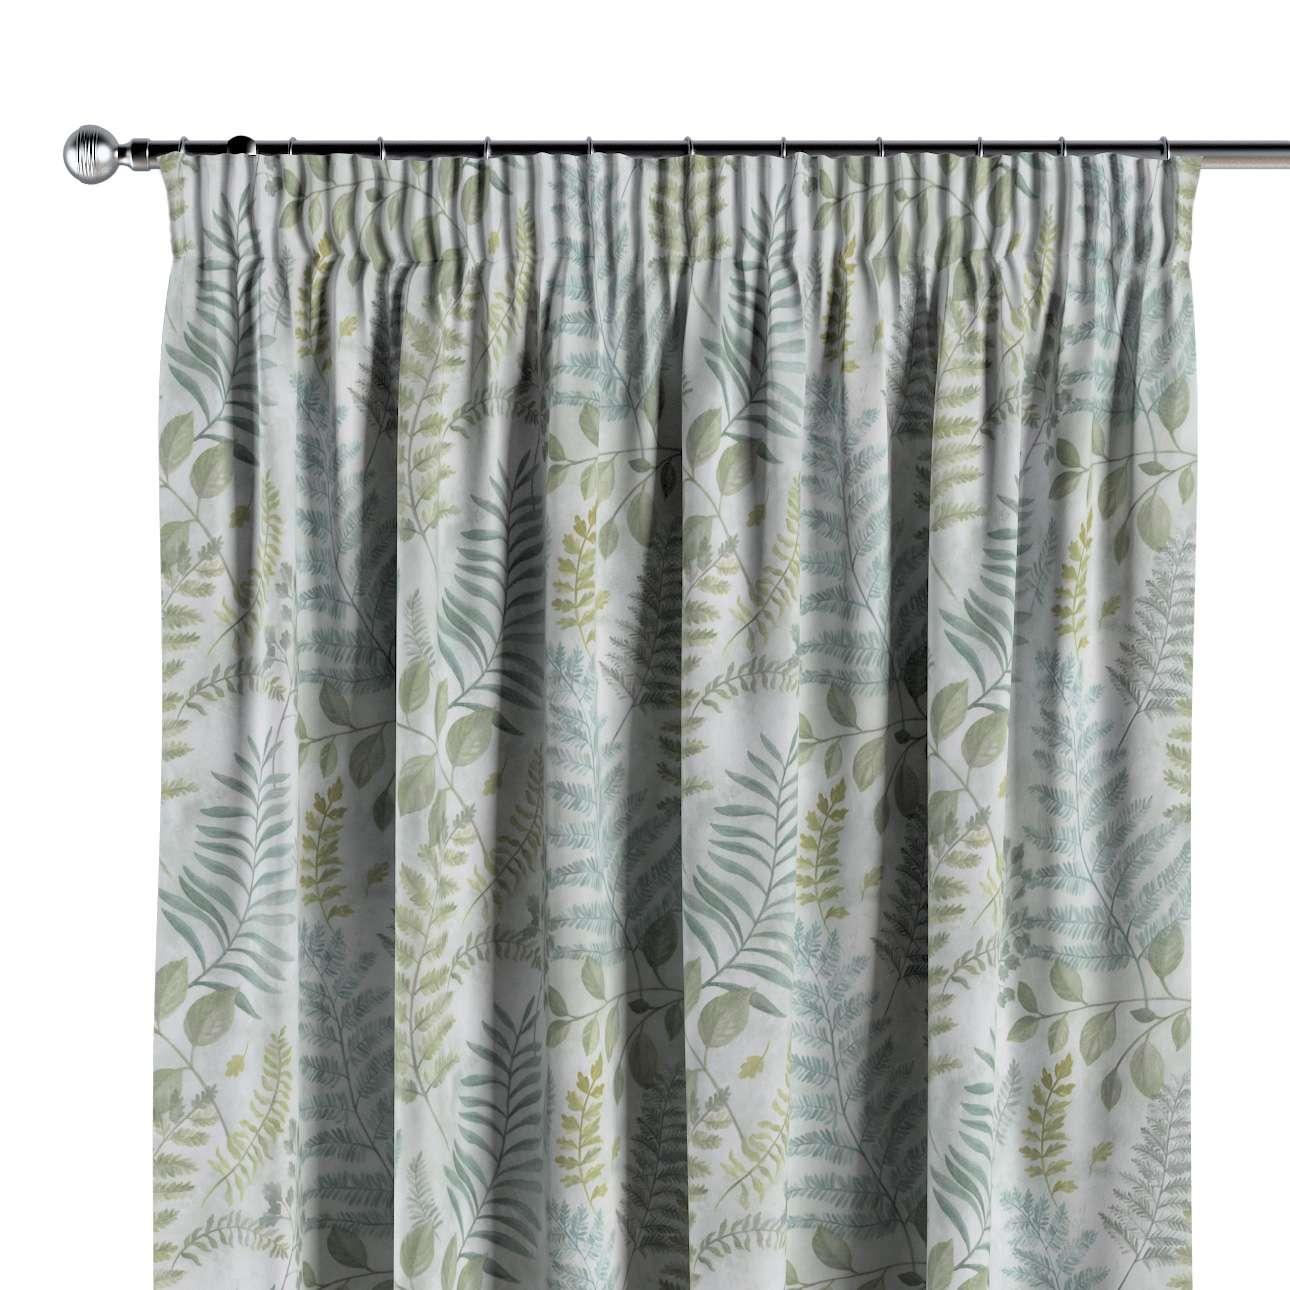 Vorhang mit Kräuselband, grün, 130 × 260 cm, Pastel Forest | Heimtextilien > Gardinen und Vorhänge | Dekoria